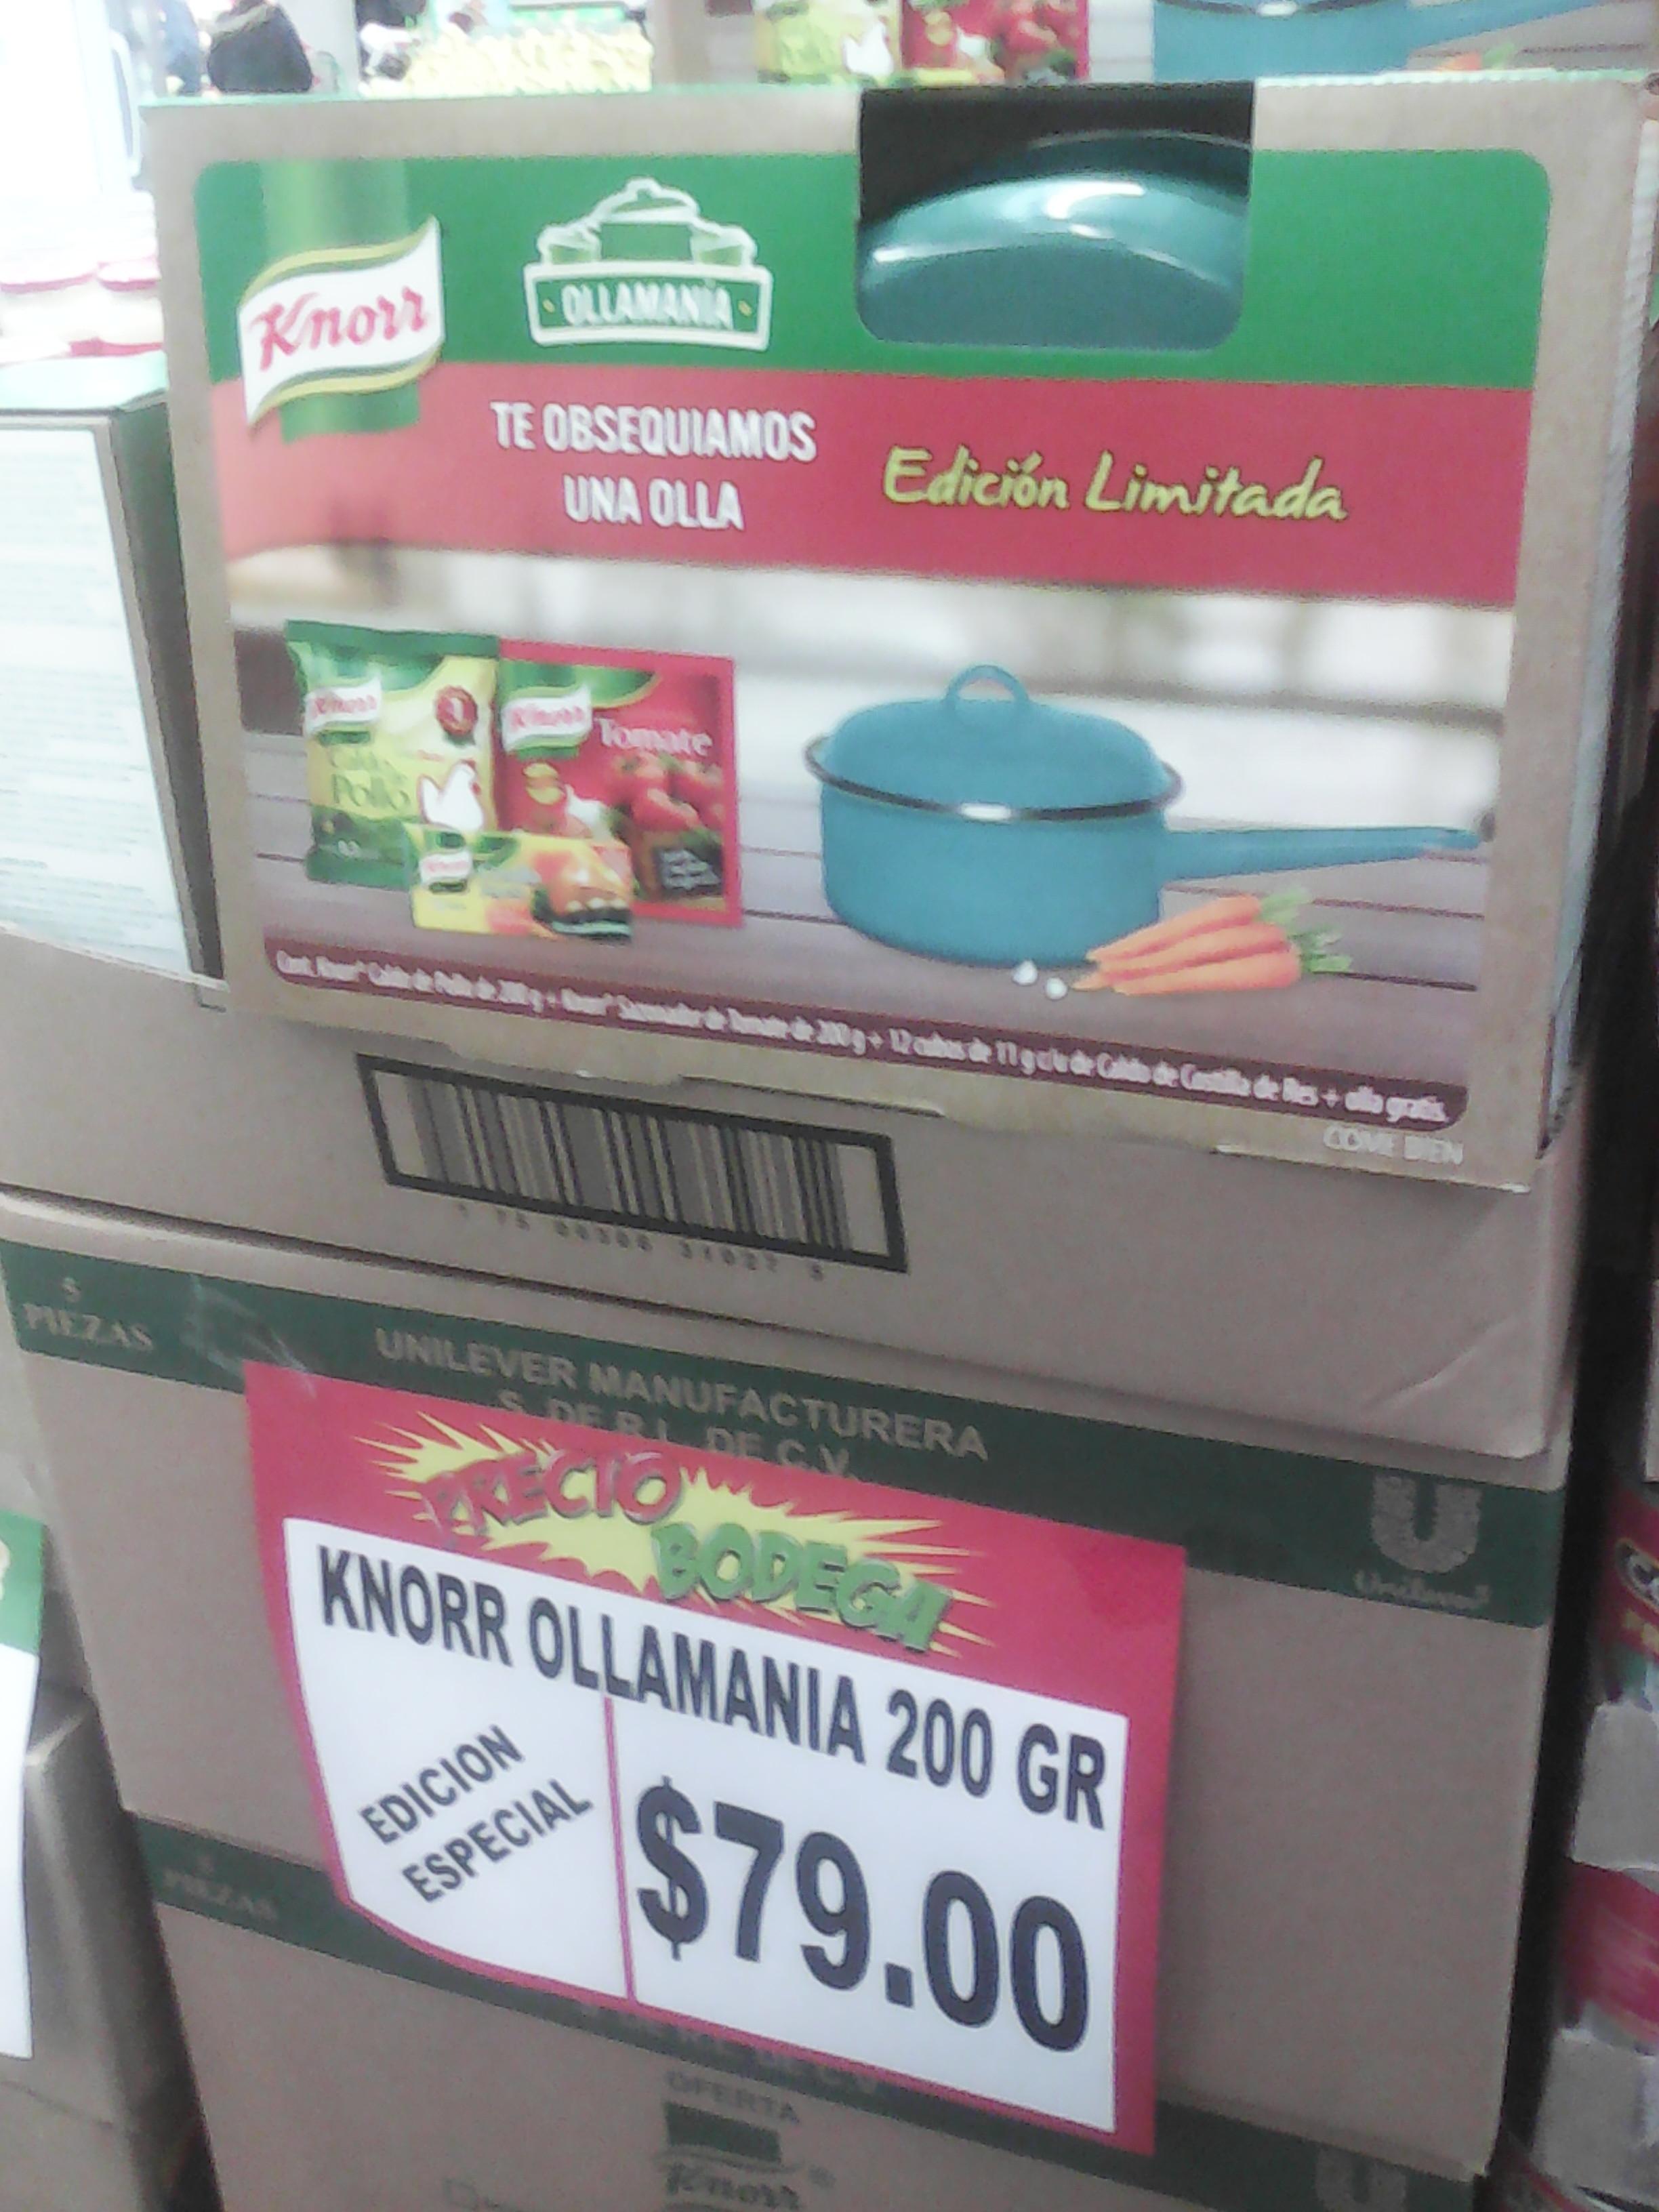 Ollamanía en Bodega Aurrerá: paquete de Knorr + olla gratis a $79 (son 5 diferentes)